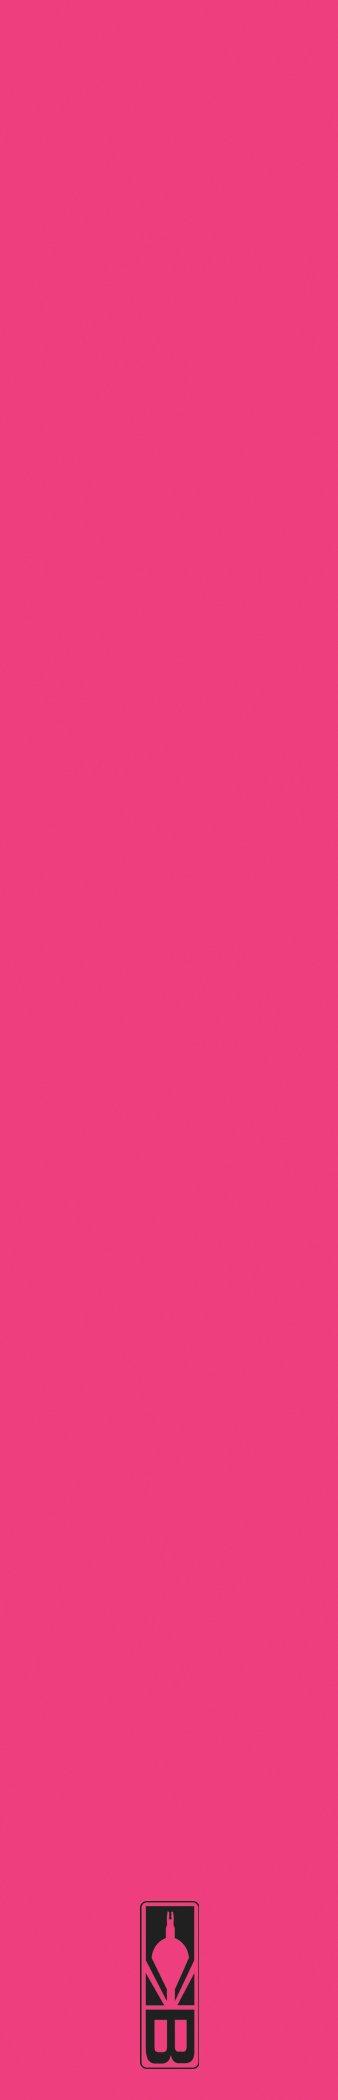 Bohning 7'' Solid Wrap 7'' Hot Pink Standard Arrow Wrap, 12pk by Bohning